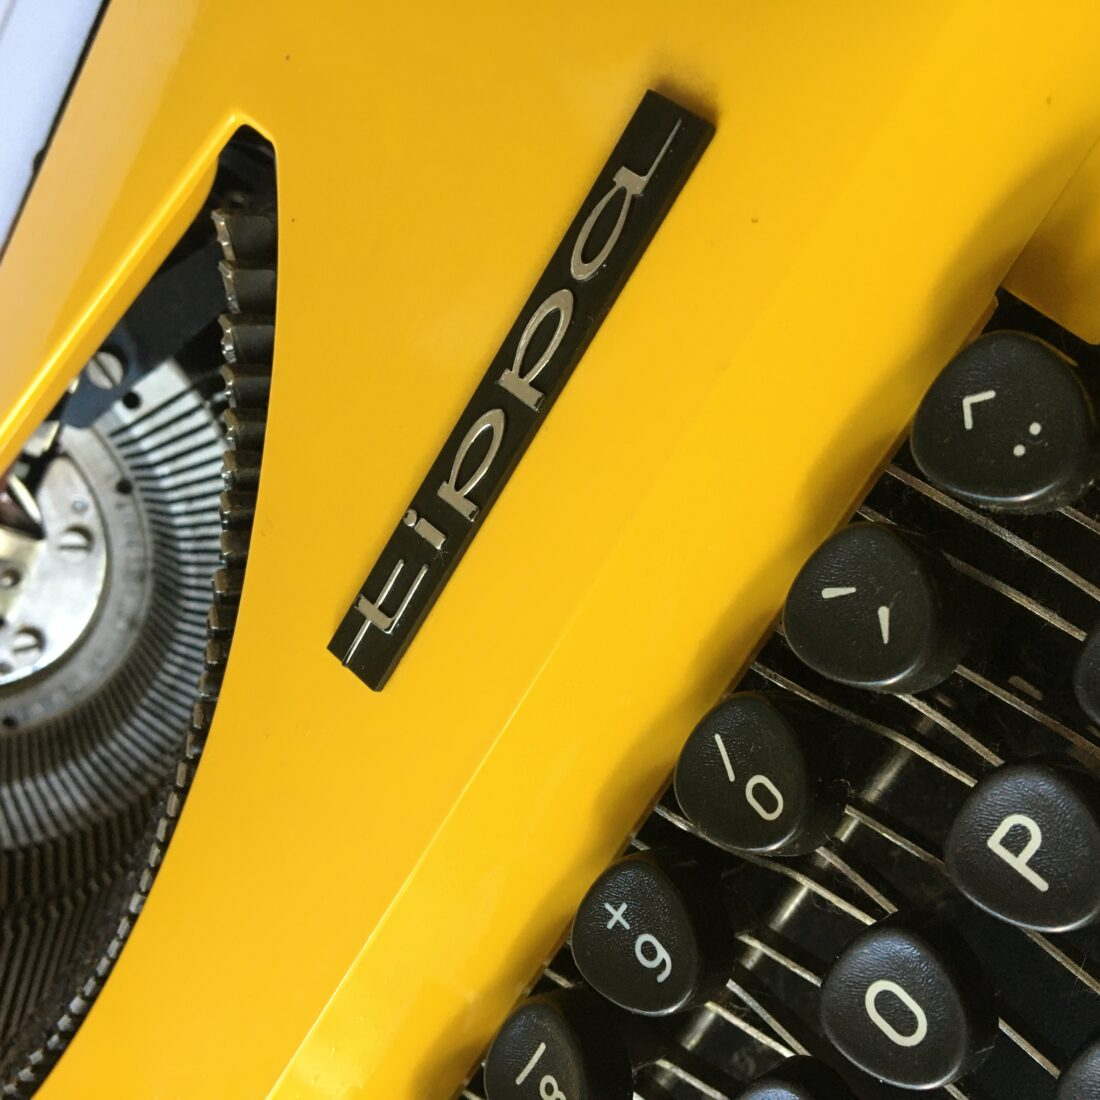 Vintage Triumph typemachine